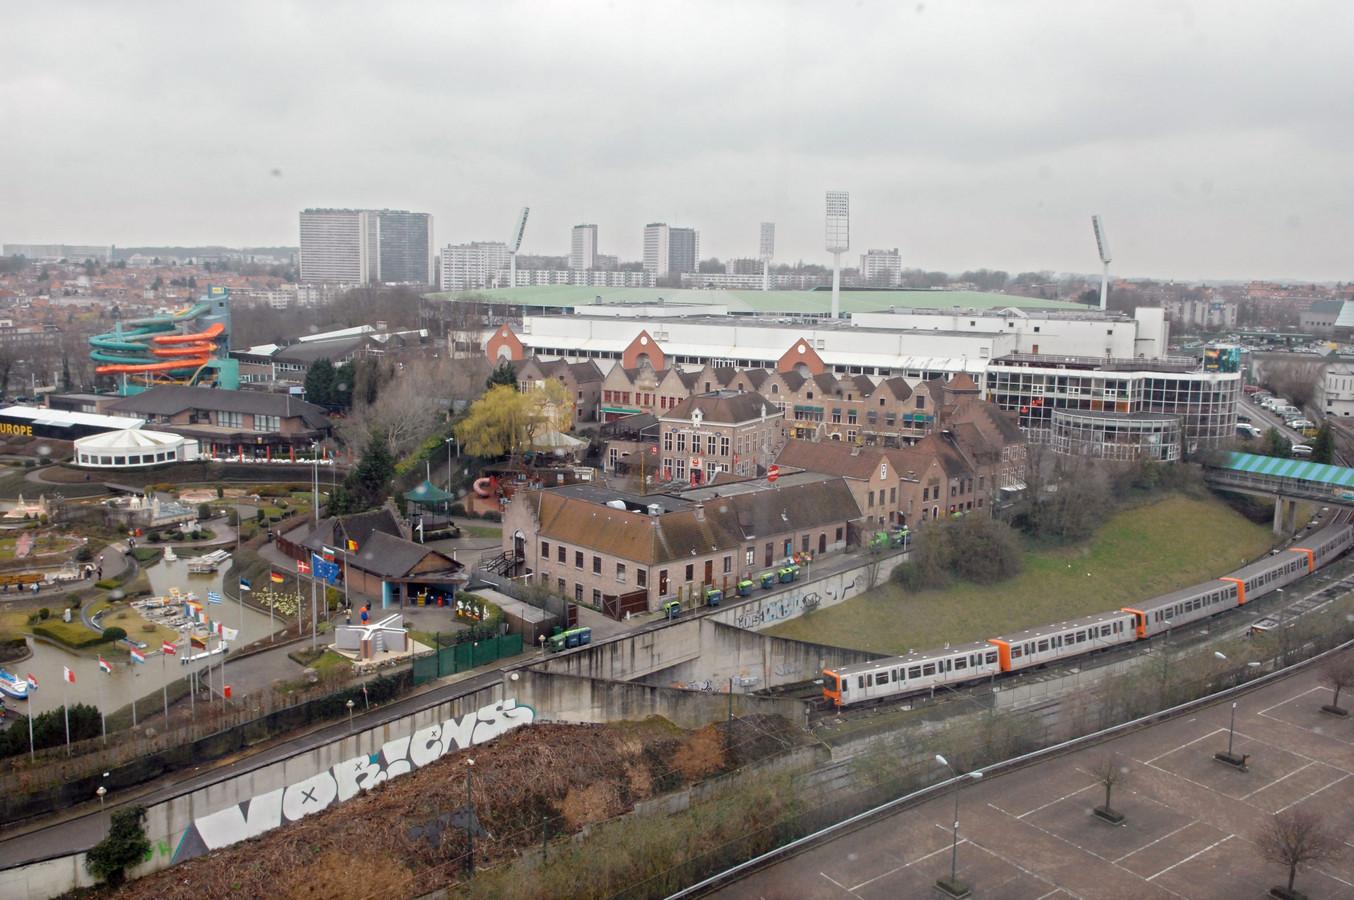 Vue aérienne du site du Heysel.